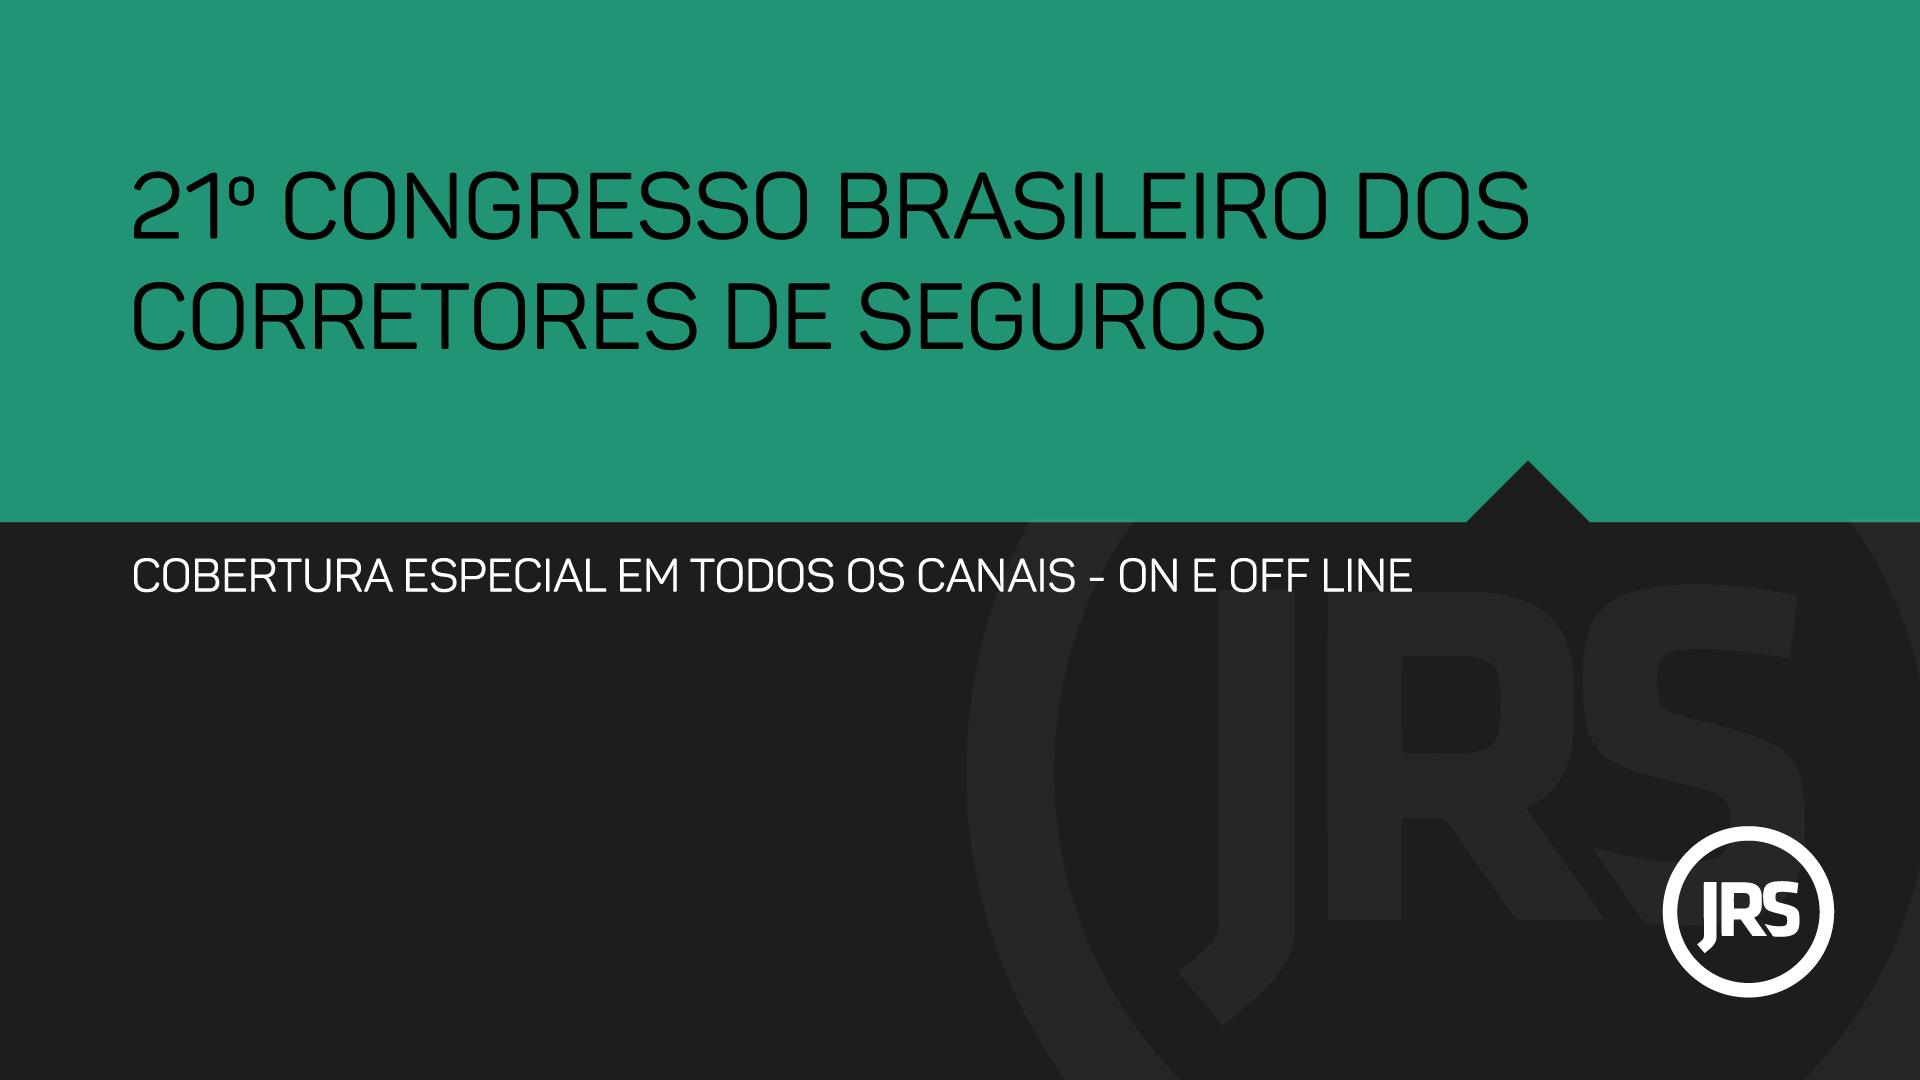 Cobertura especial do 21º Congresso Brasileiro de Corretores de Seguros no JRS